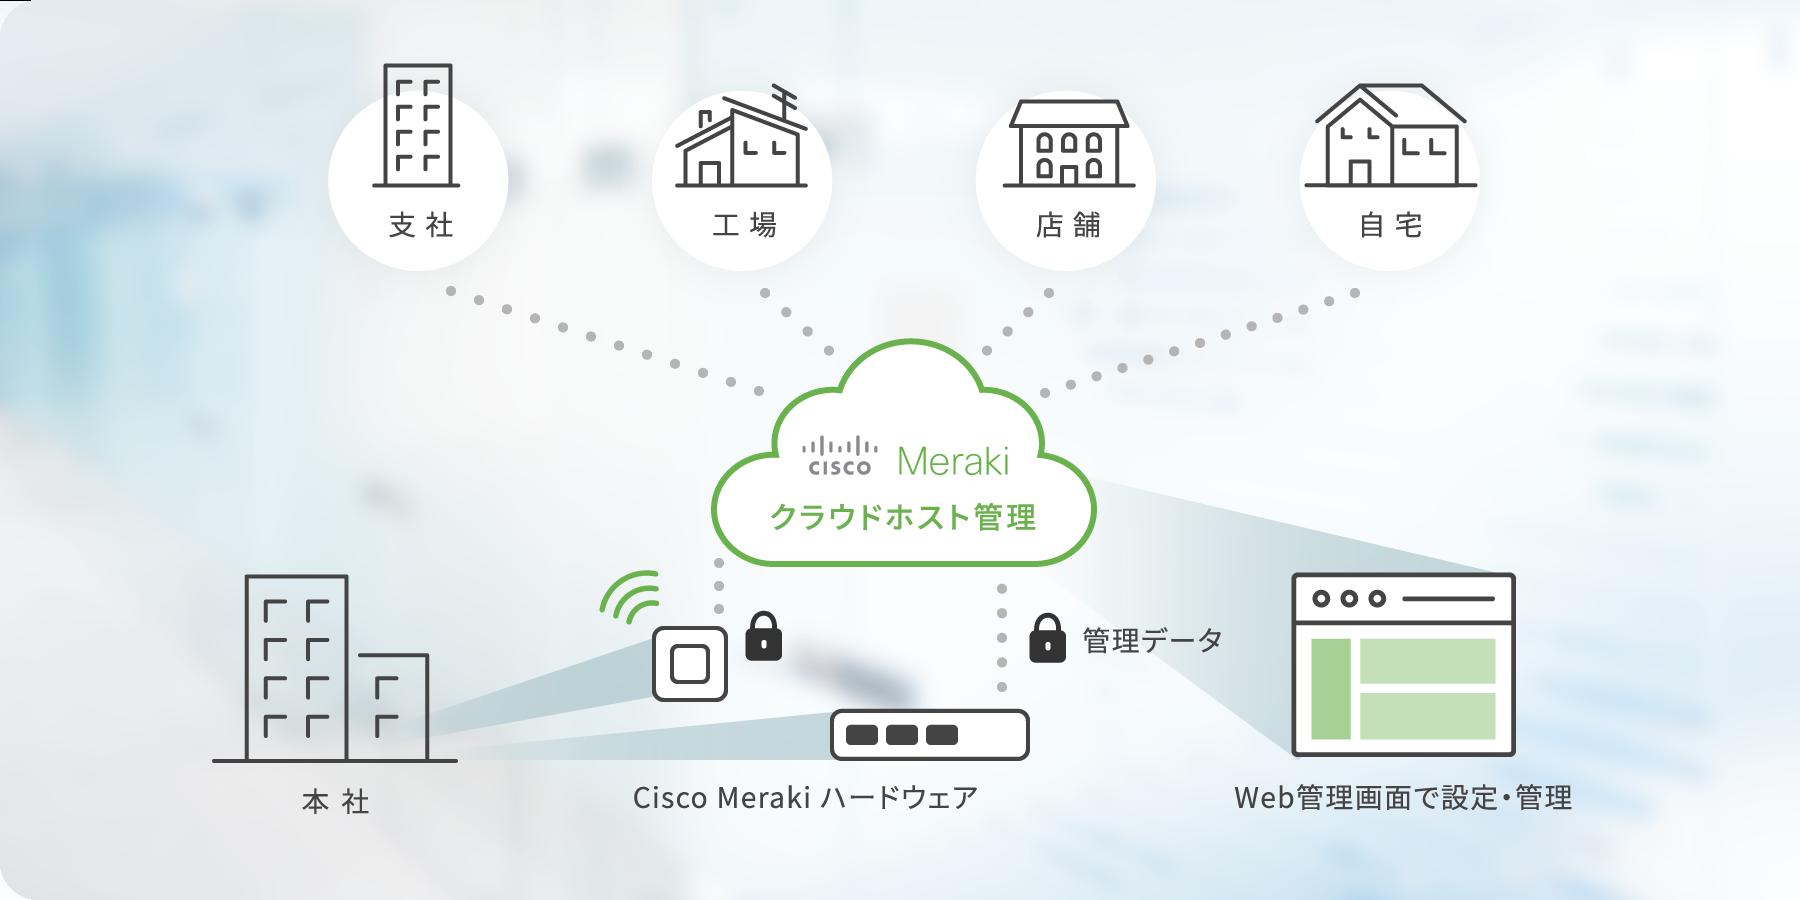 支社・工場・店舗・自宅:Cisco Merakiクラウドホスト管理 本社・Cisco Merakiハードウェア、管理データ、Web管理画面で設定・管理